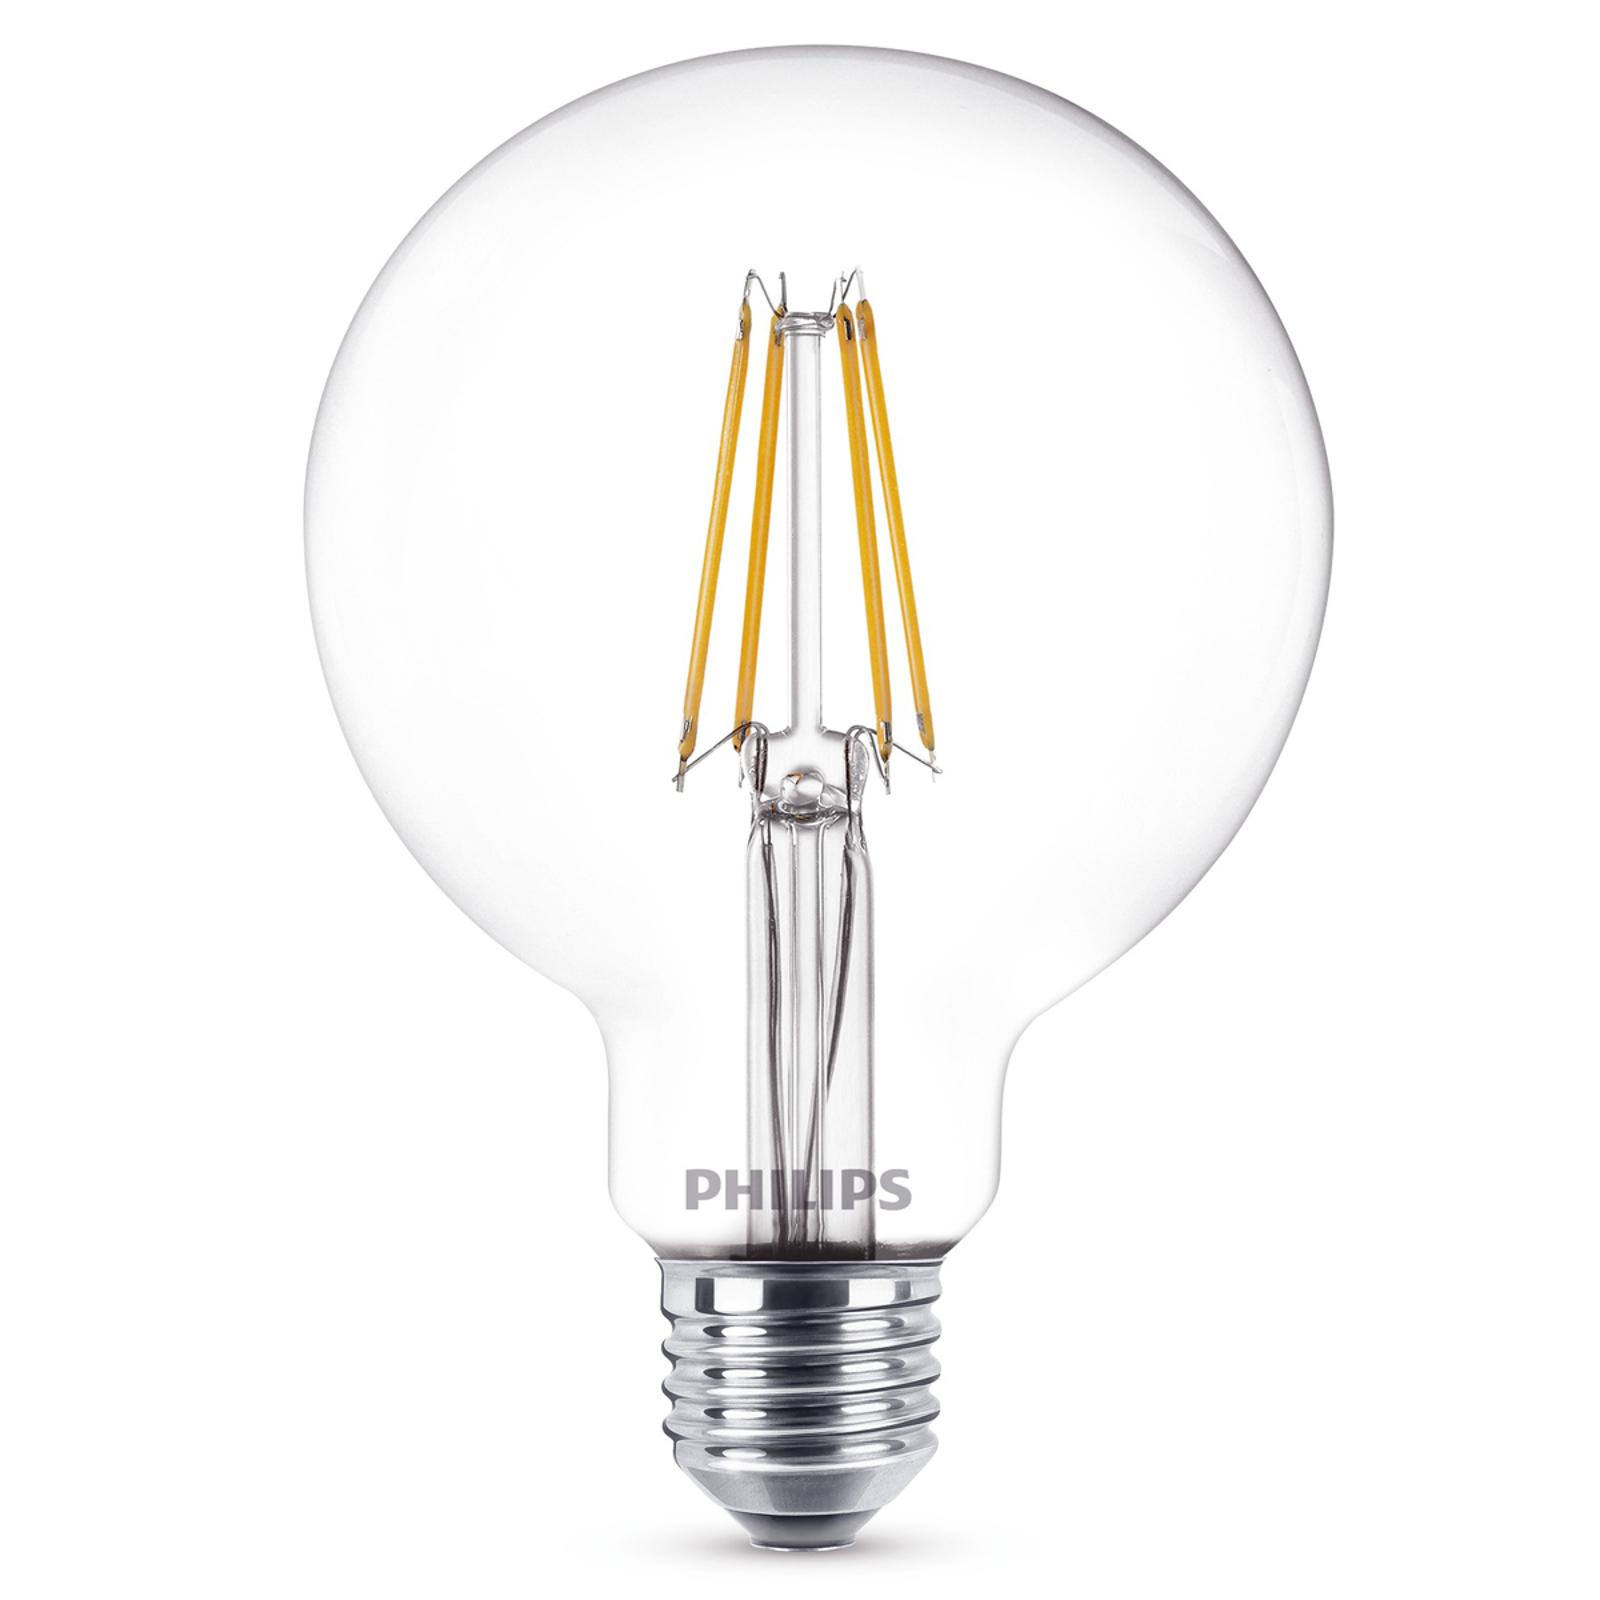 LED-Globelampe E27 7W 827 G95 klar